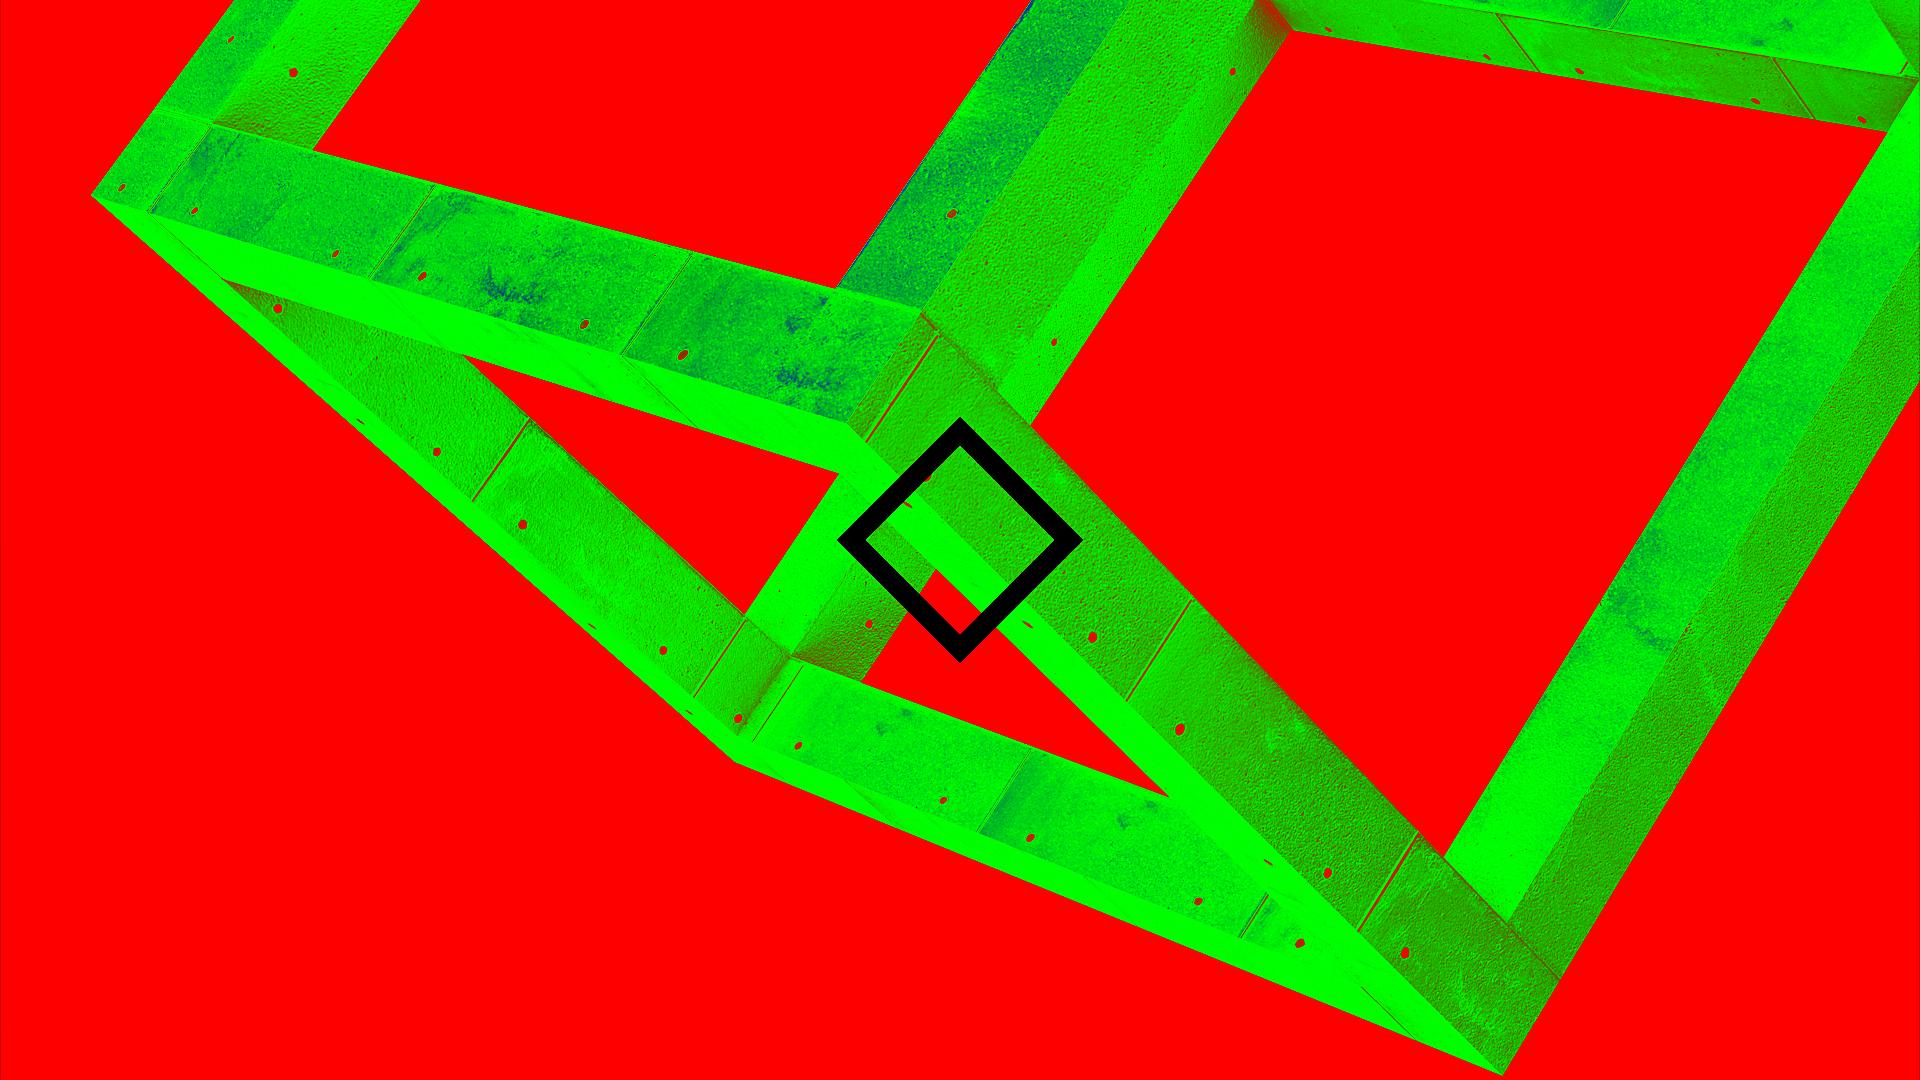 200706-MatrixCube-16x9_00177